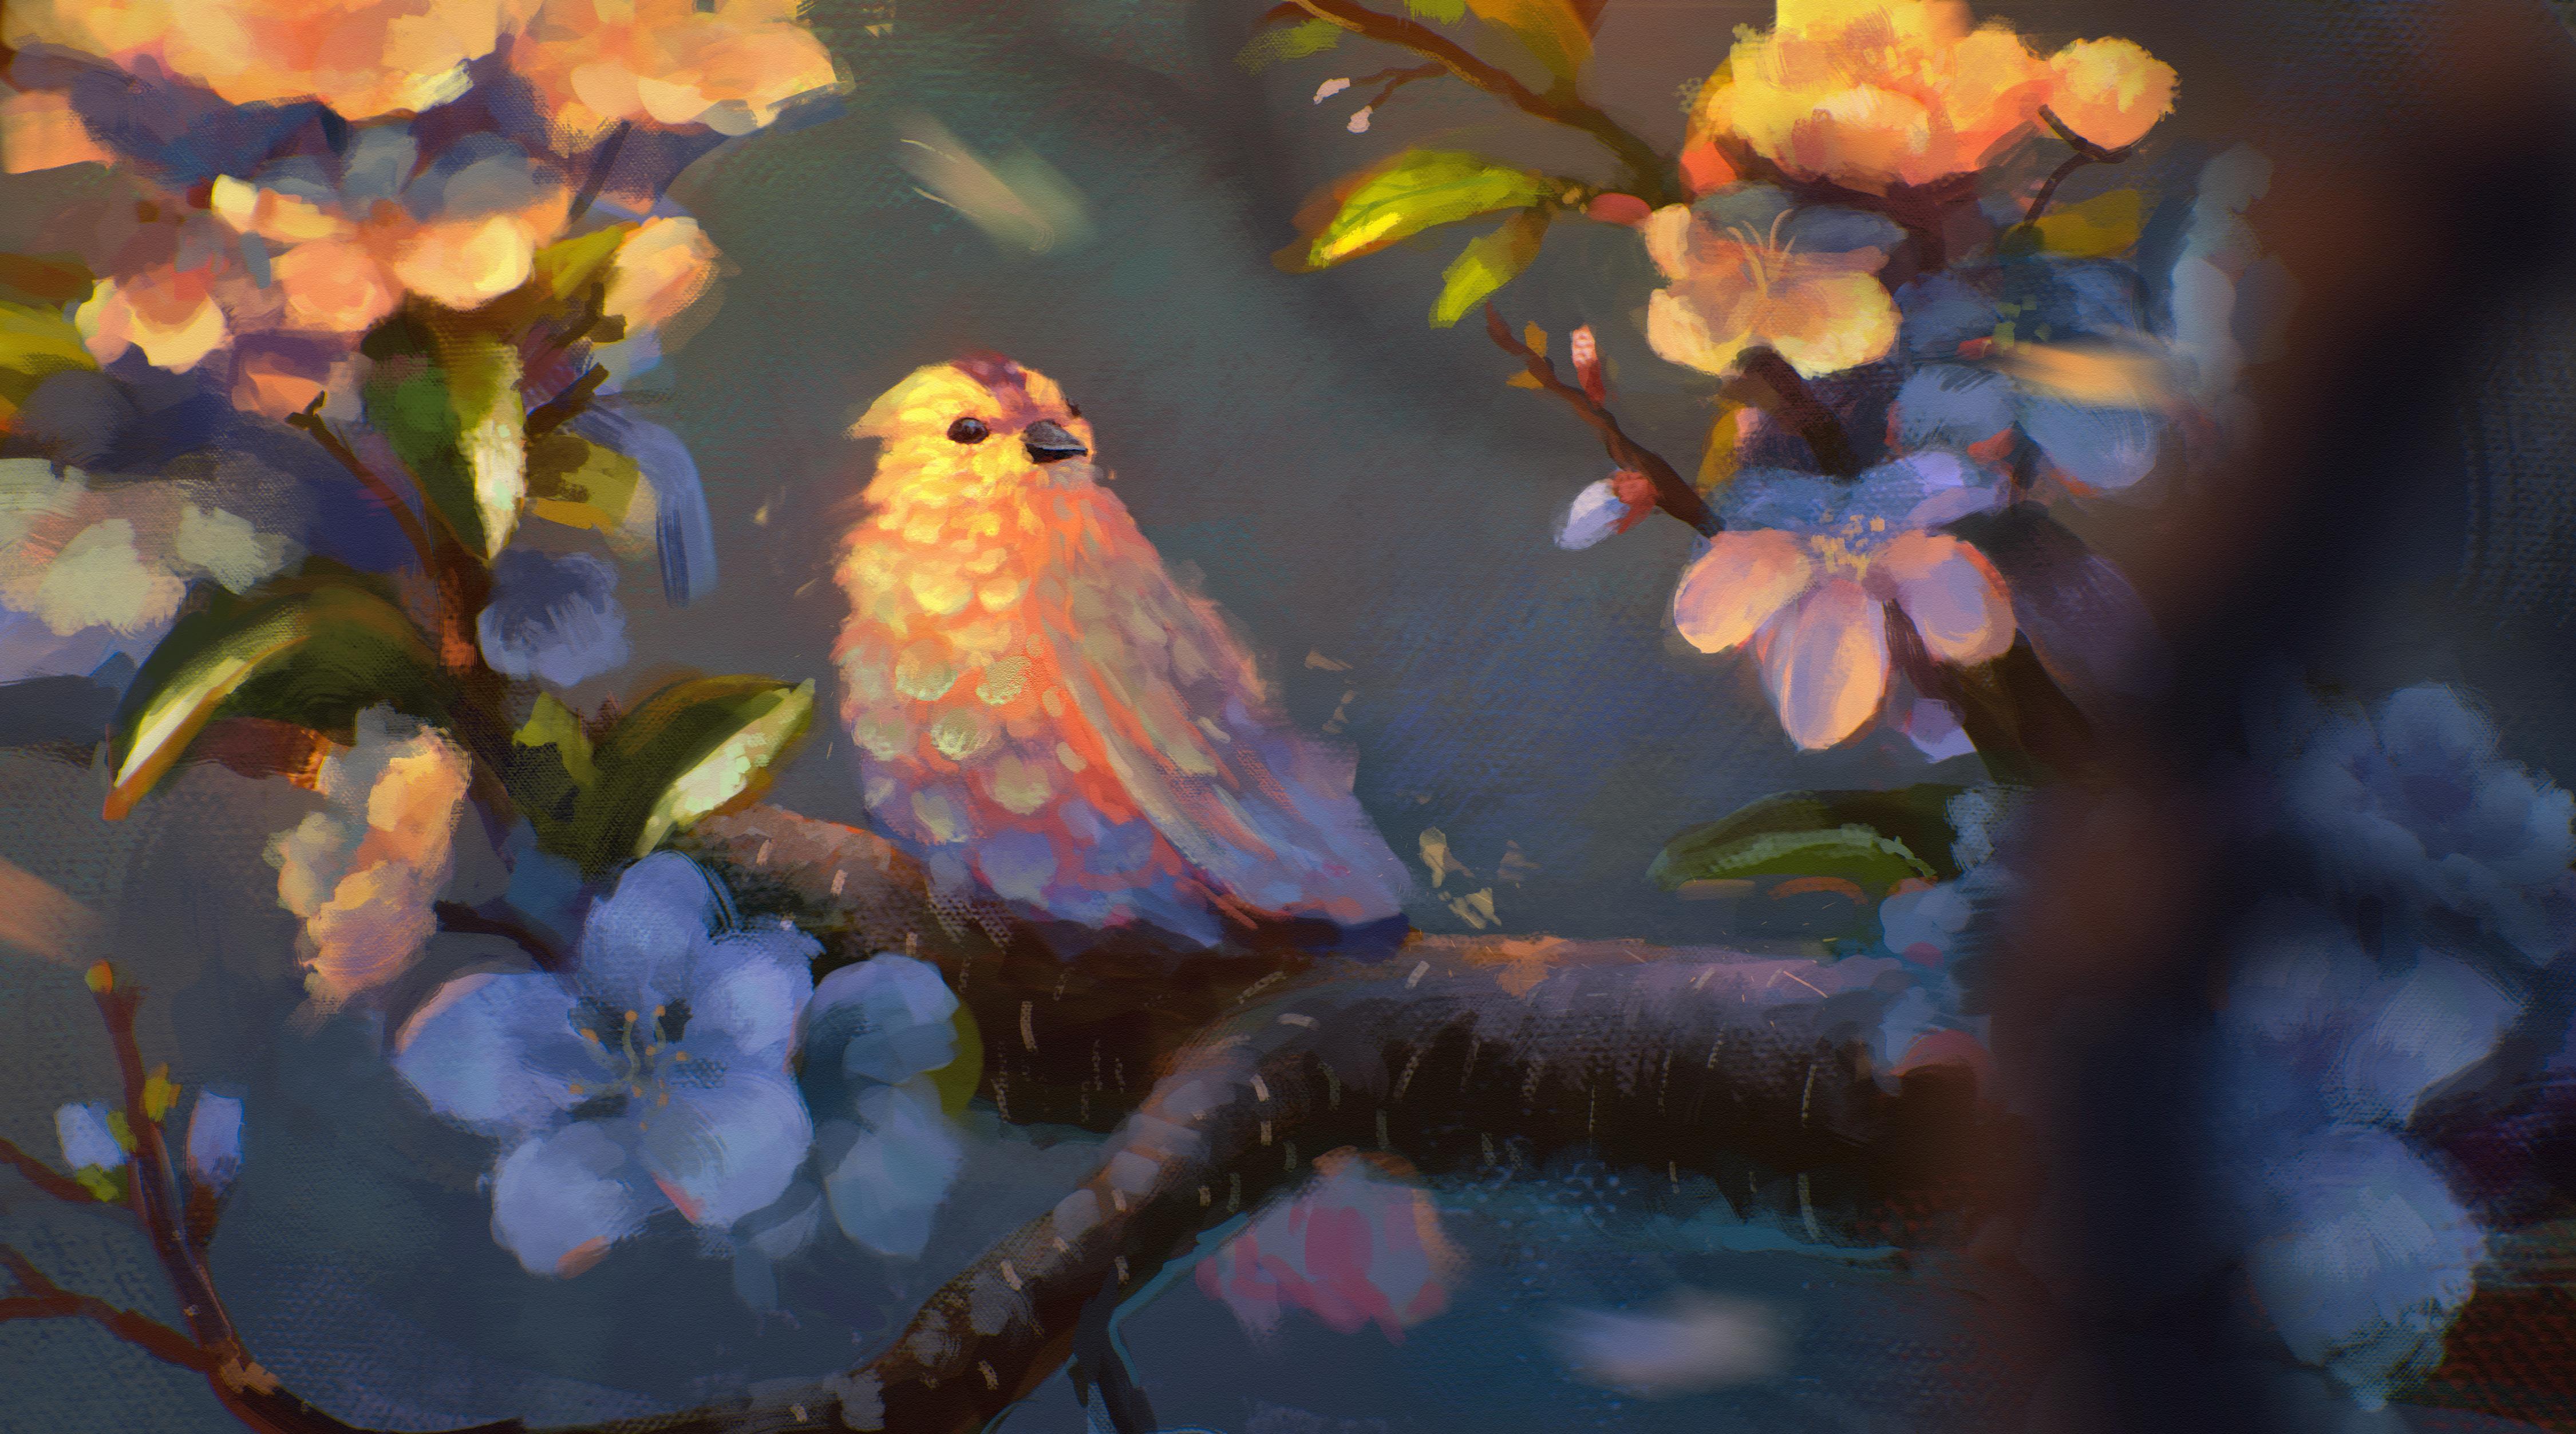 картинки фэнтези птицы готовы